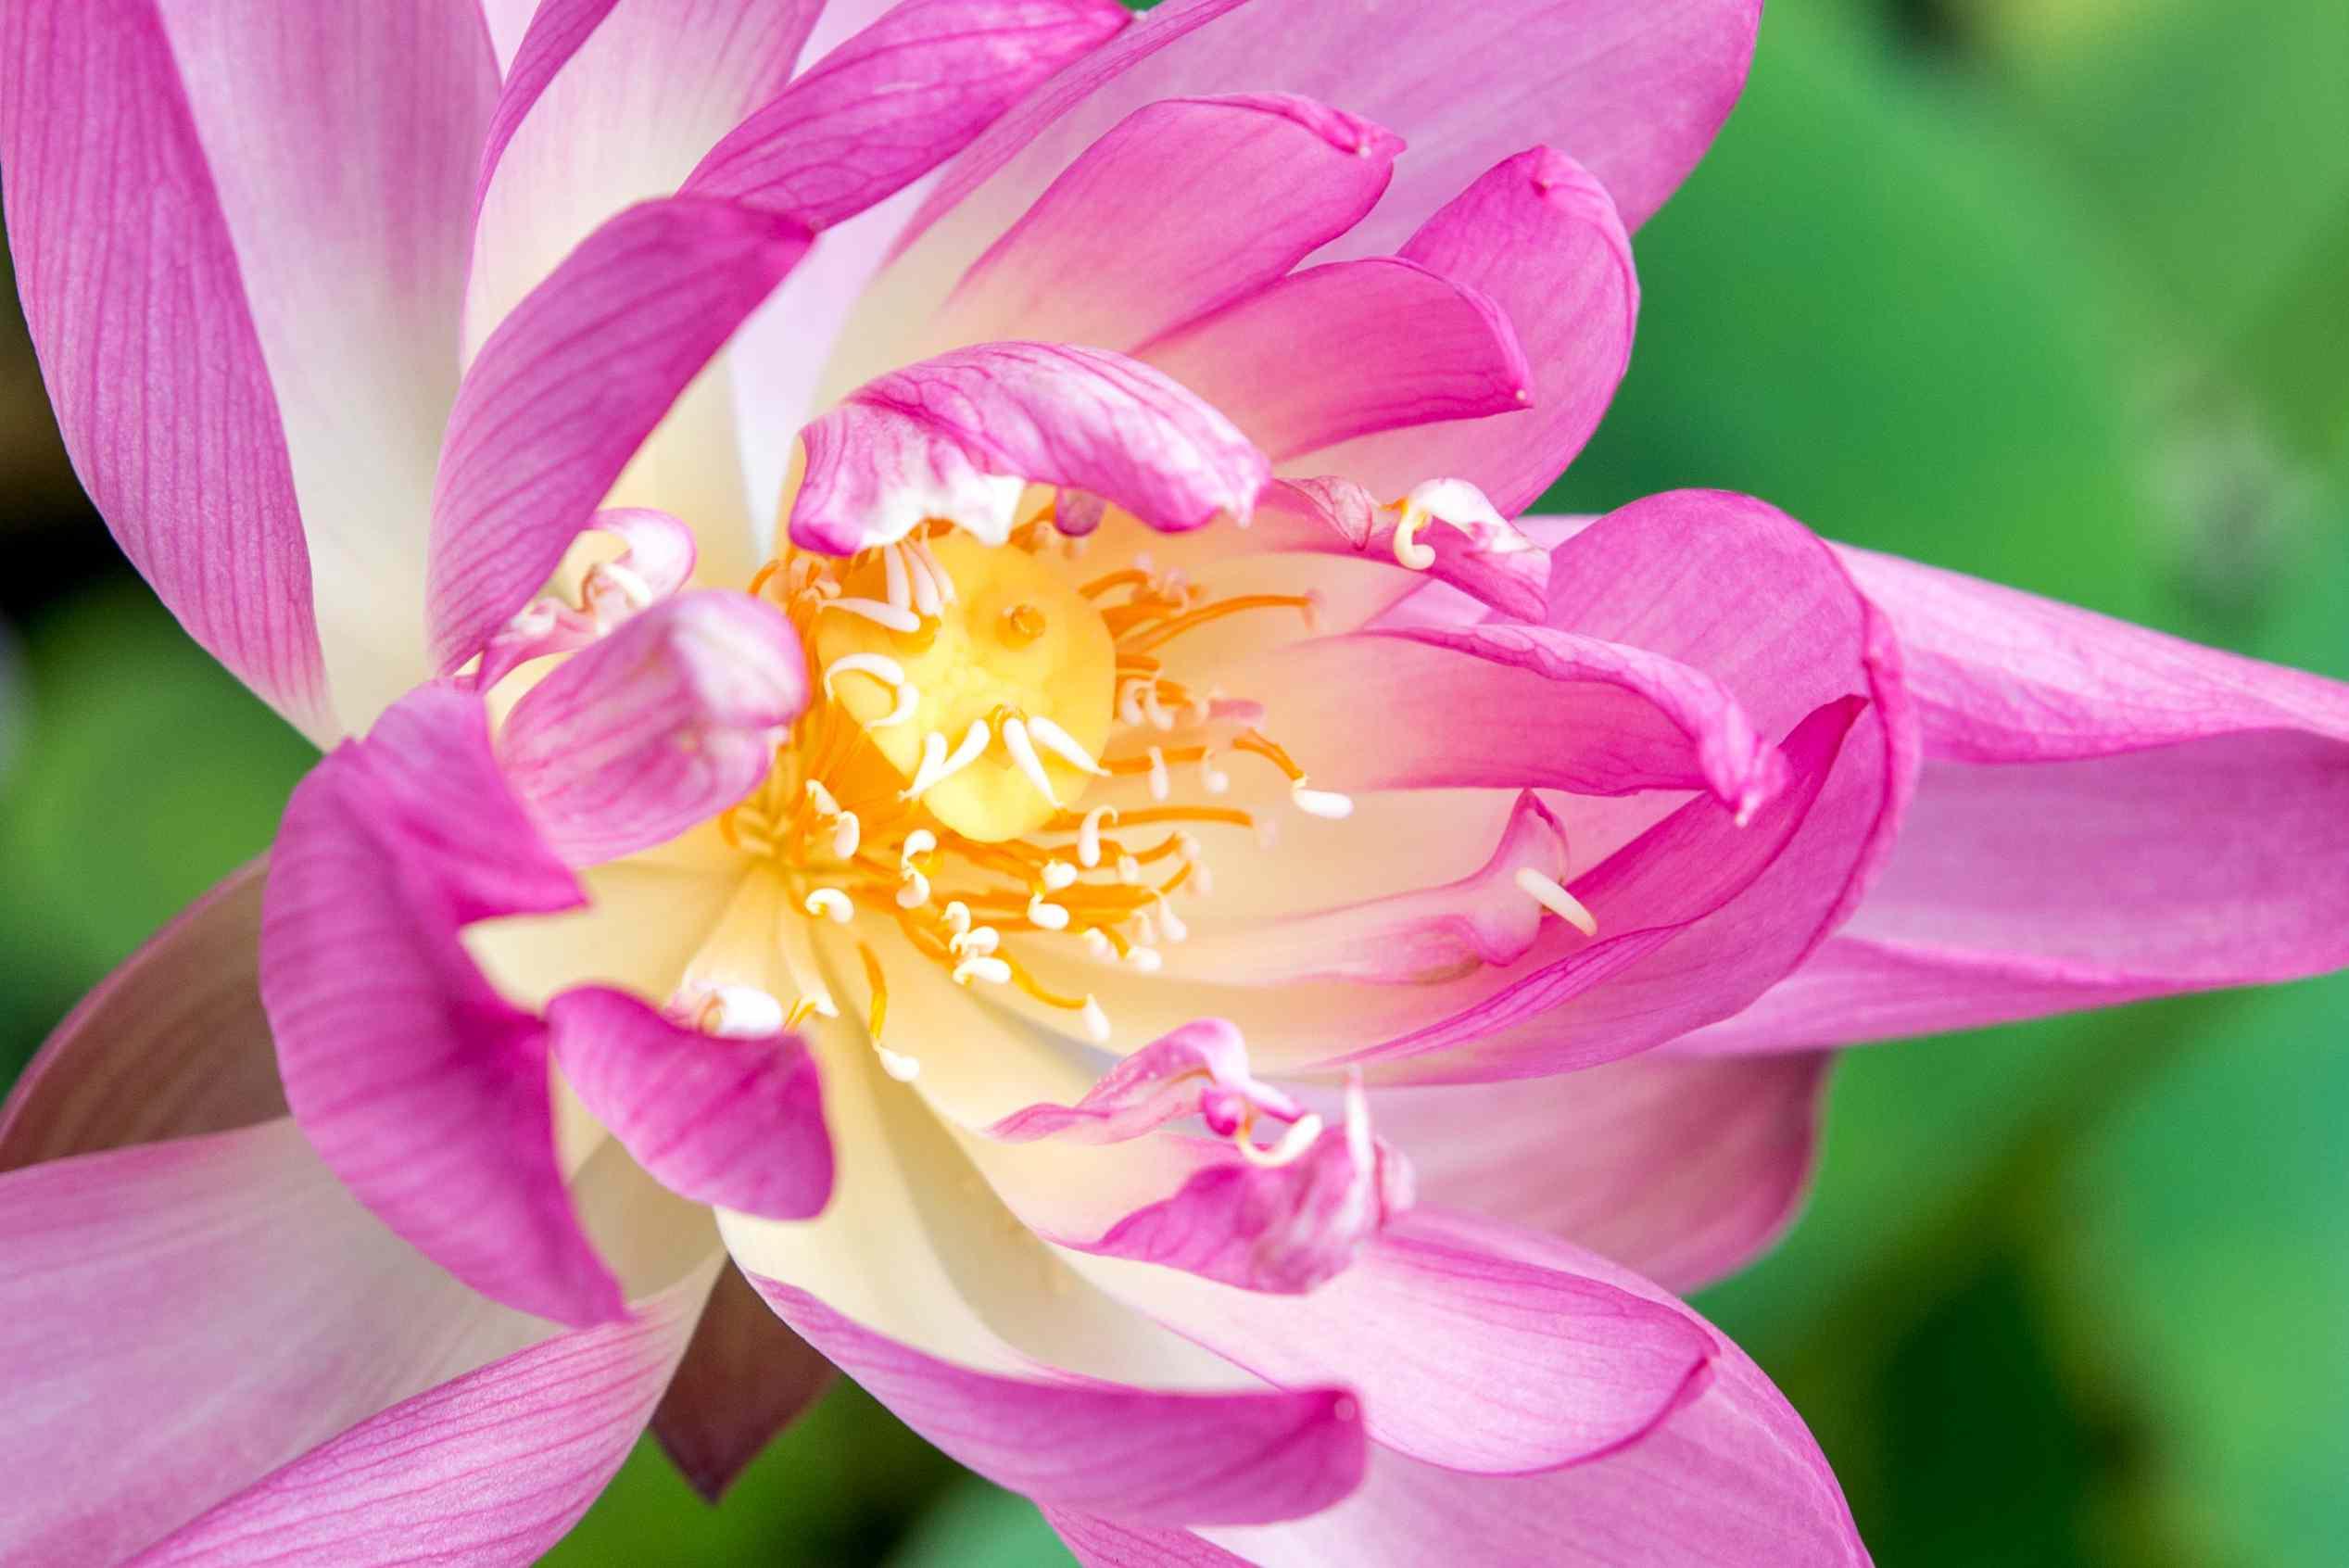 closeup of a lotus